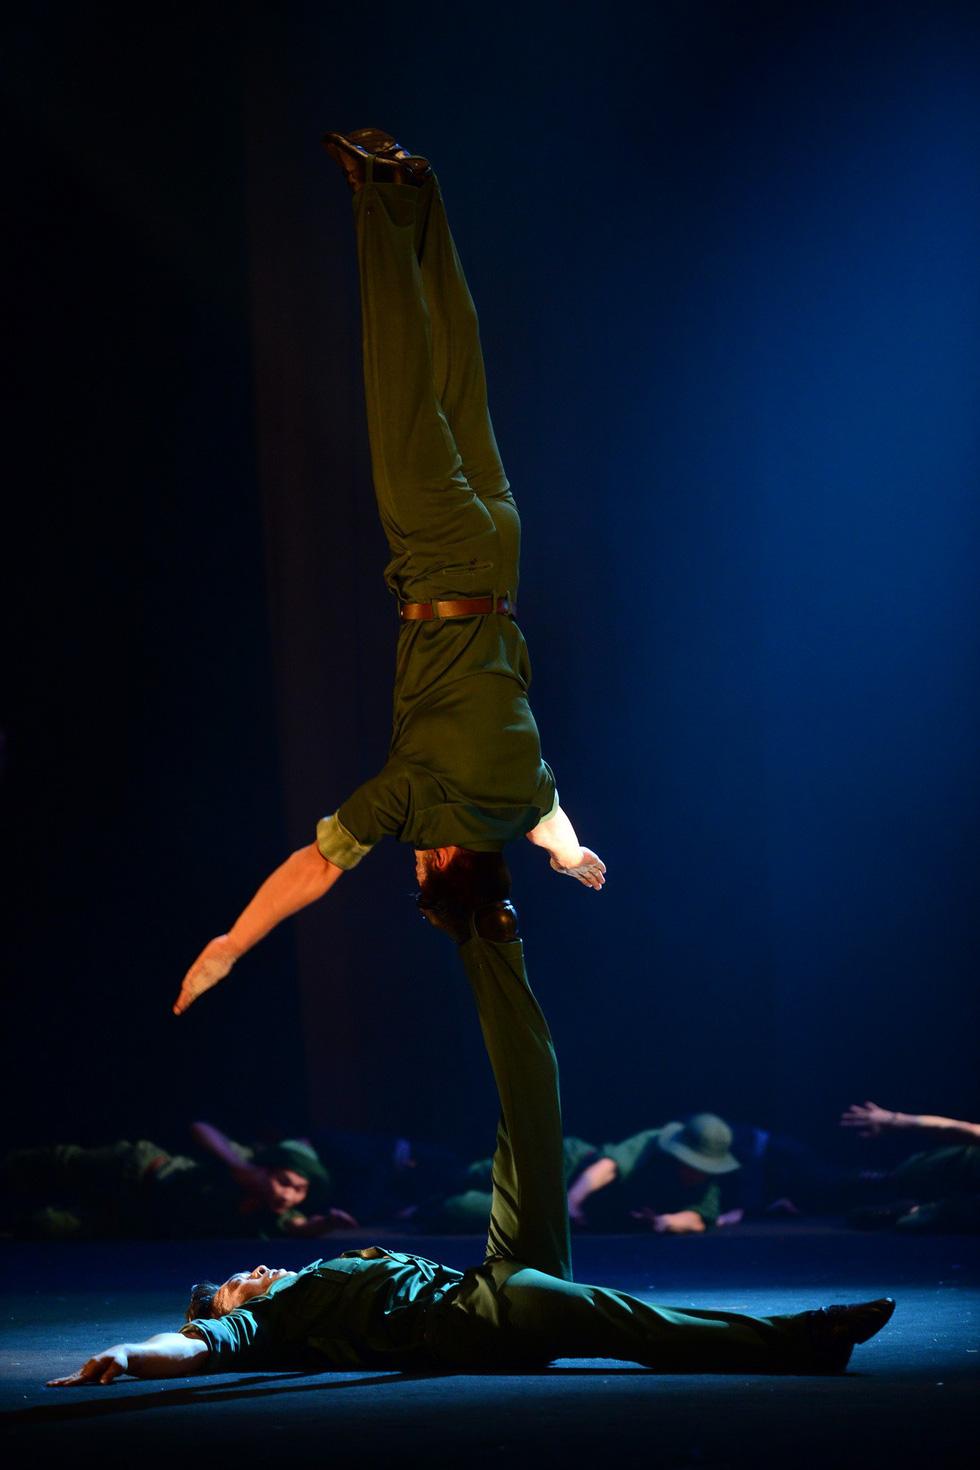 Quốc Cơ, Quốc Nghiệp: cú nhảy như hi sinh cho Tổ quốc của mình - Ảnh 19.